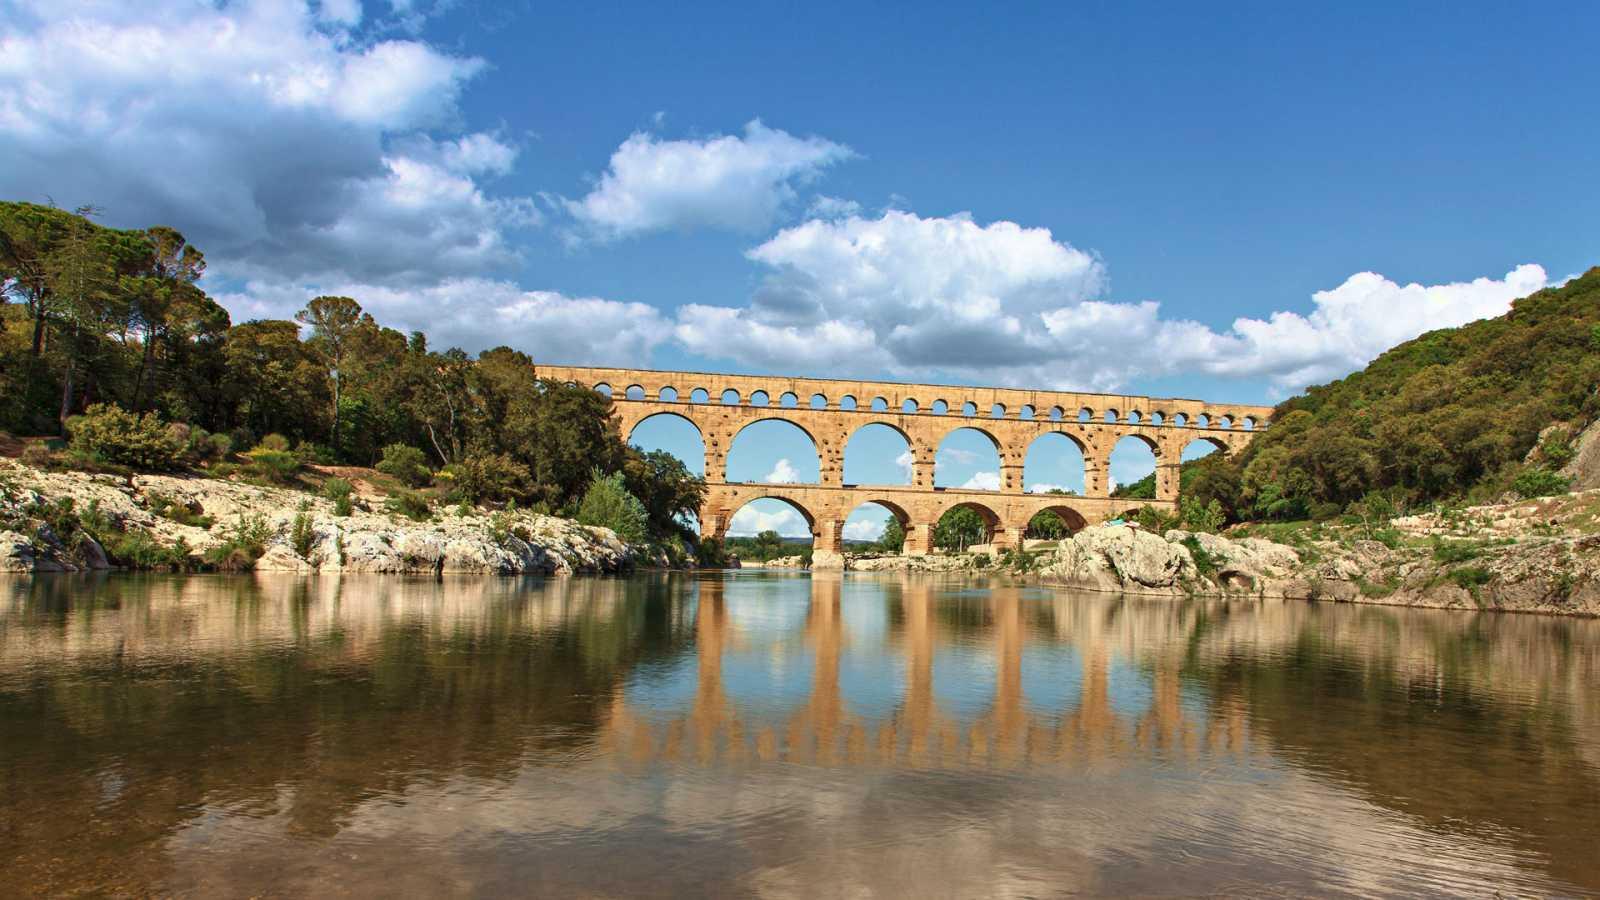 Ingeniería romana - Los acueductos II - ver ahora